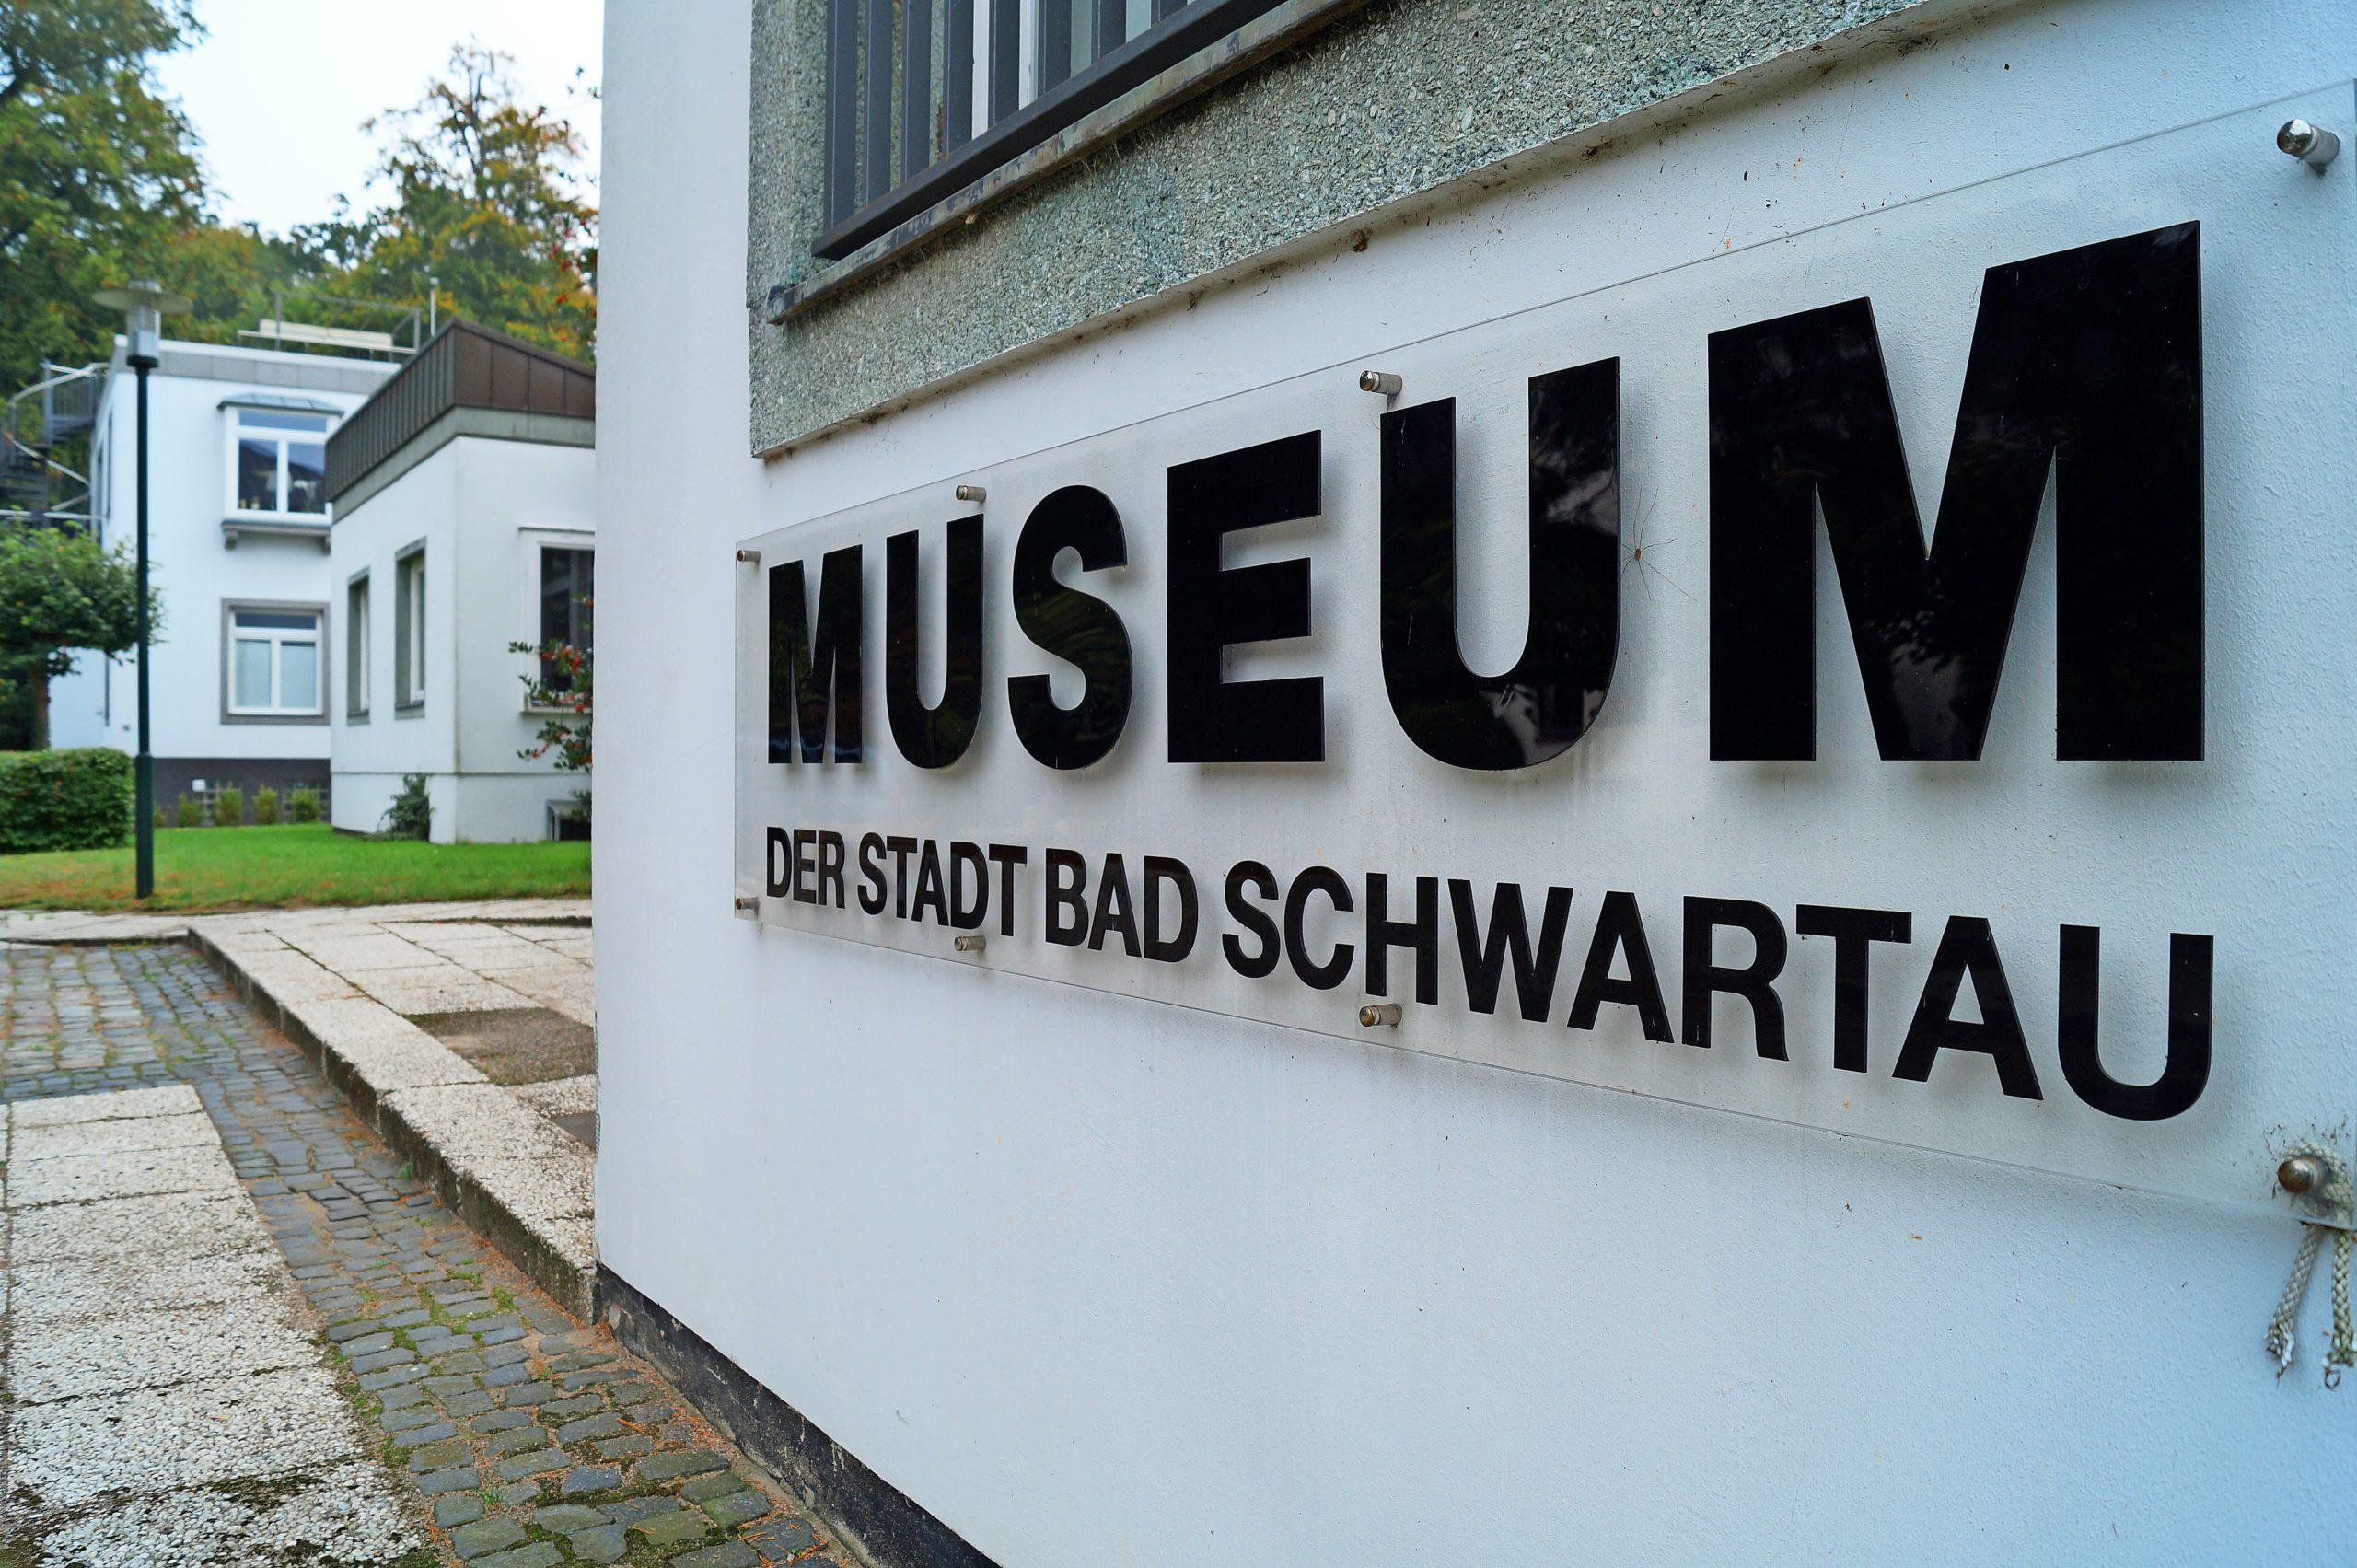 In der Sitzung des Bauausschusses ist der Stand der Pläne für das Museumsareal an der Schillerstraße in Bad Schwartau vorgestellt worden.